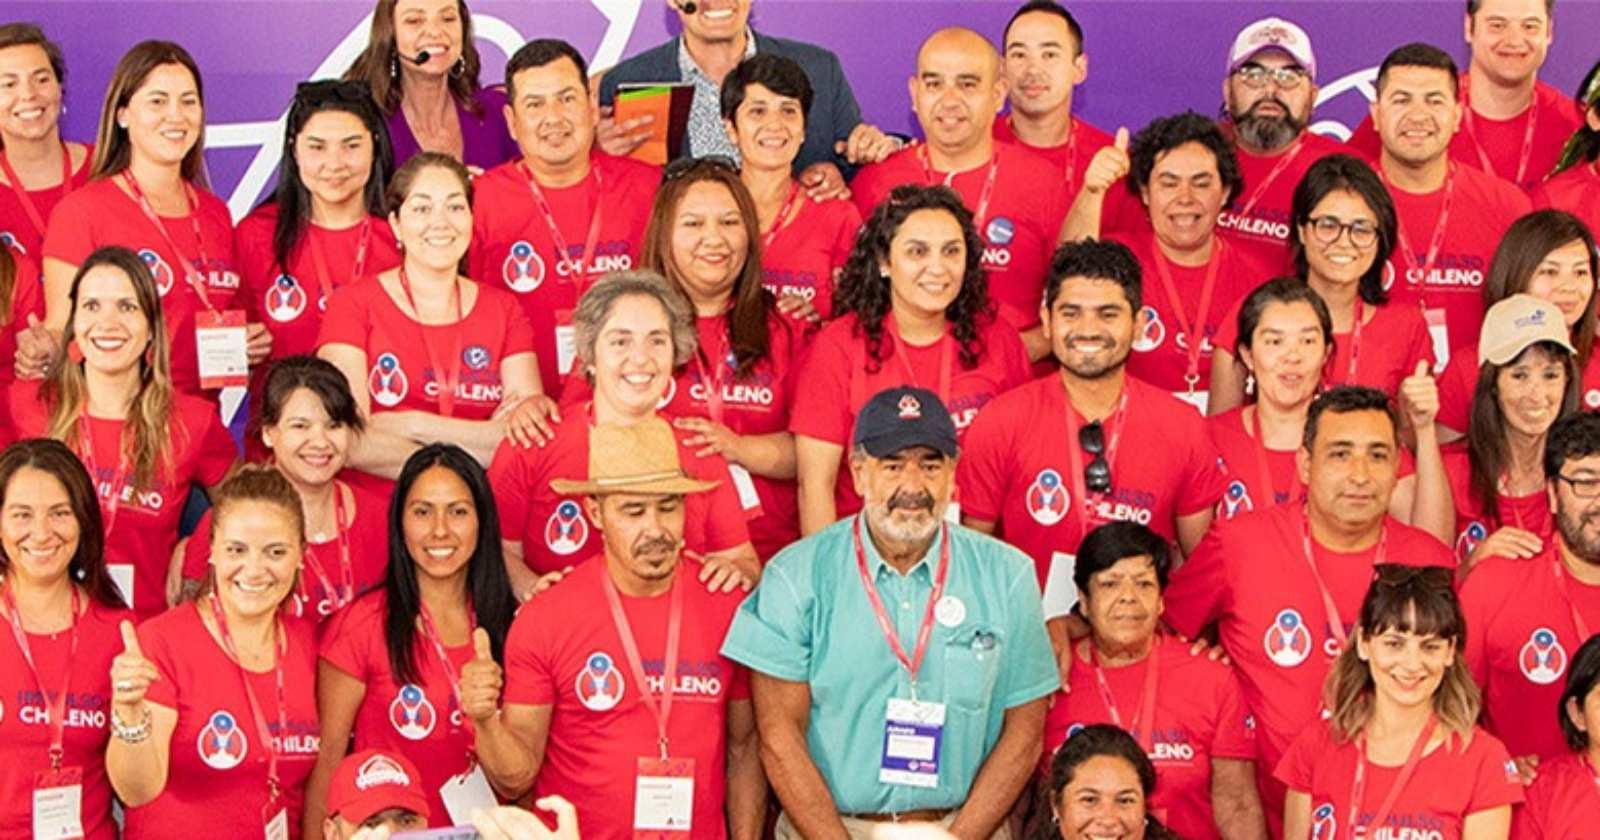 Abren postulaciones para tercera versión del concurso Impulso Chileno